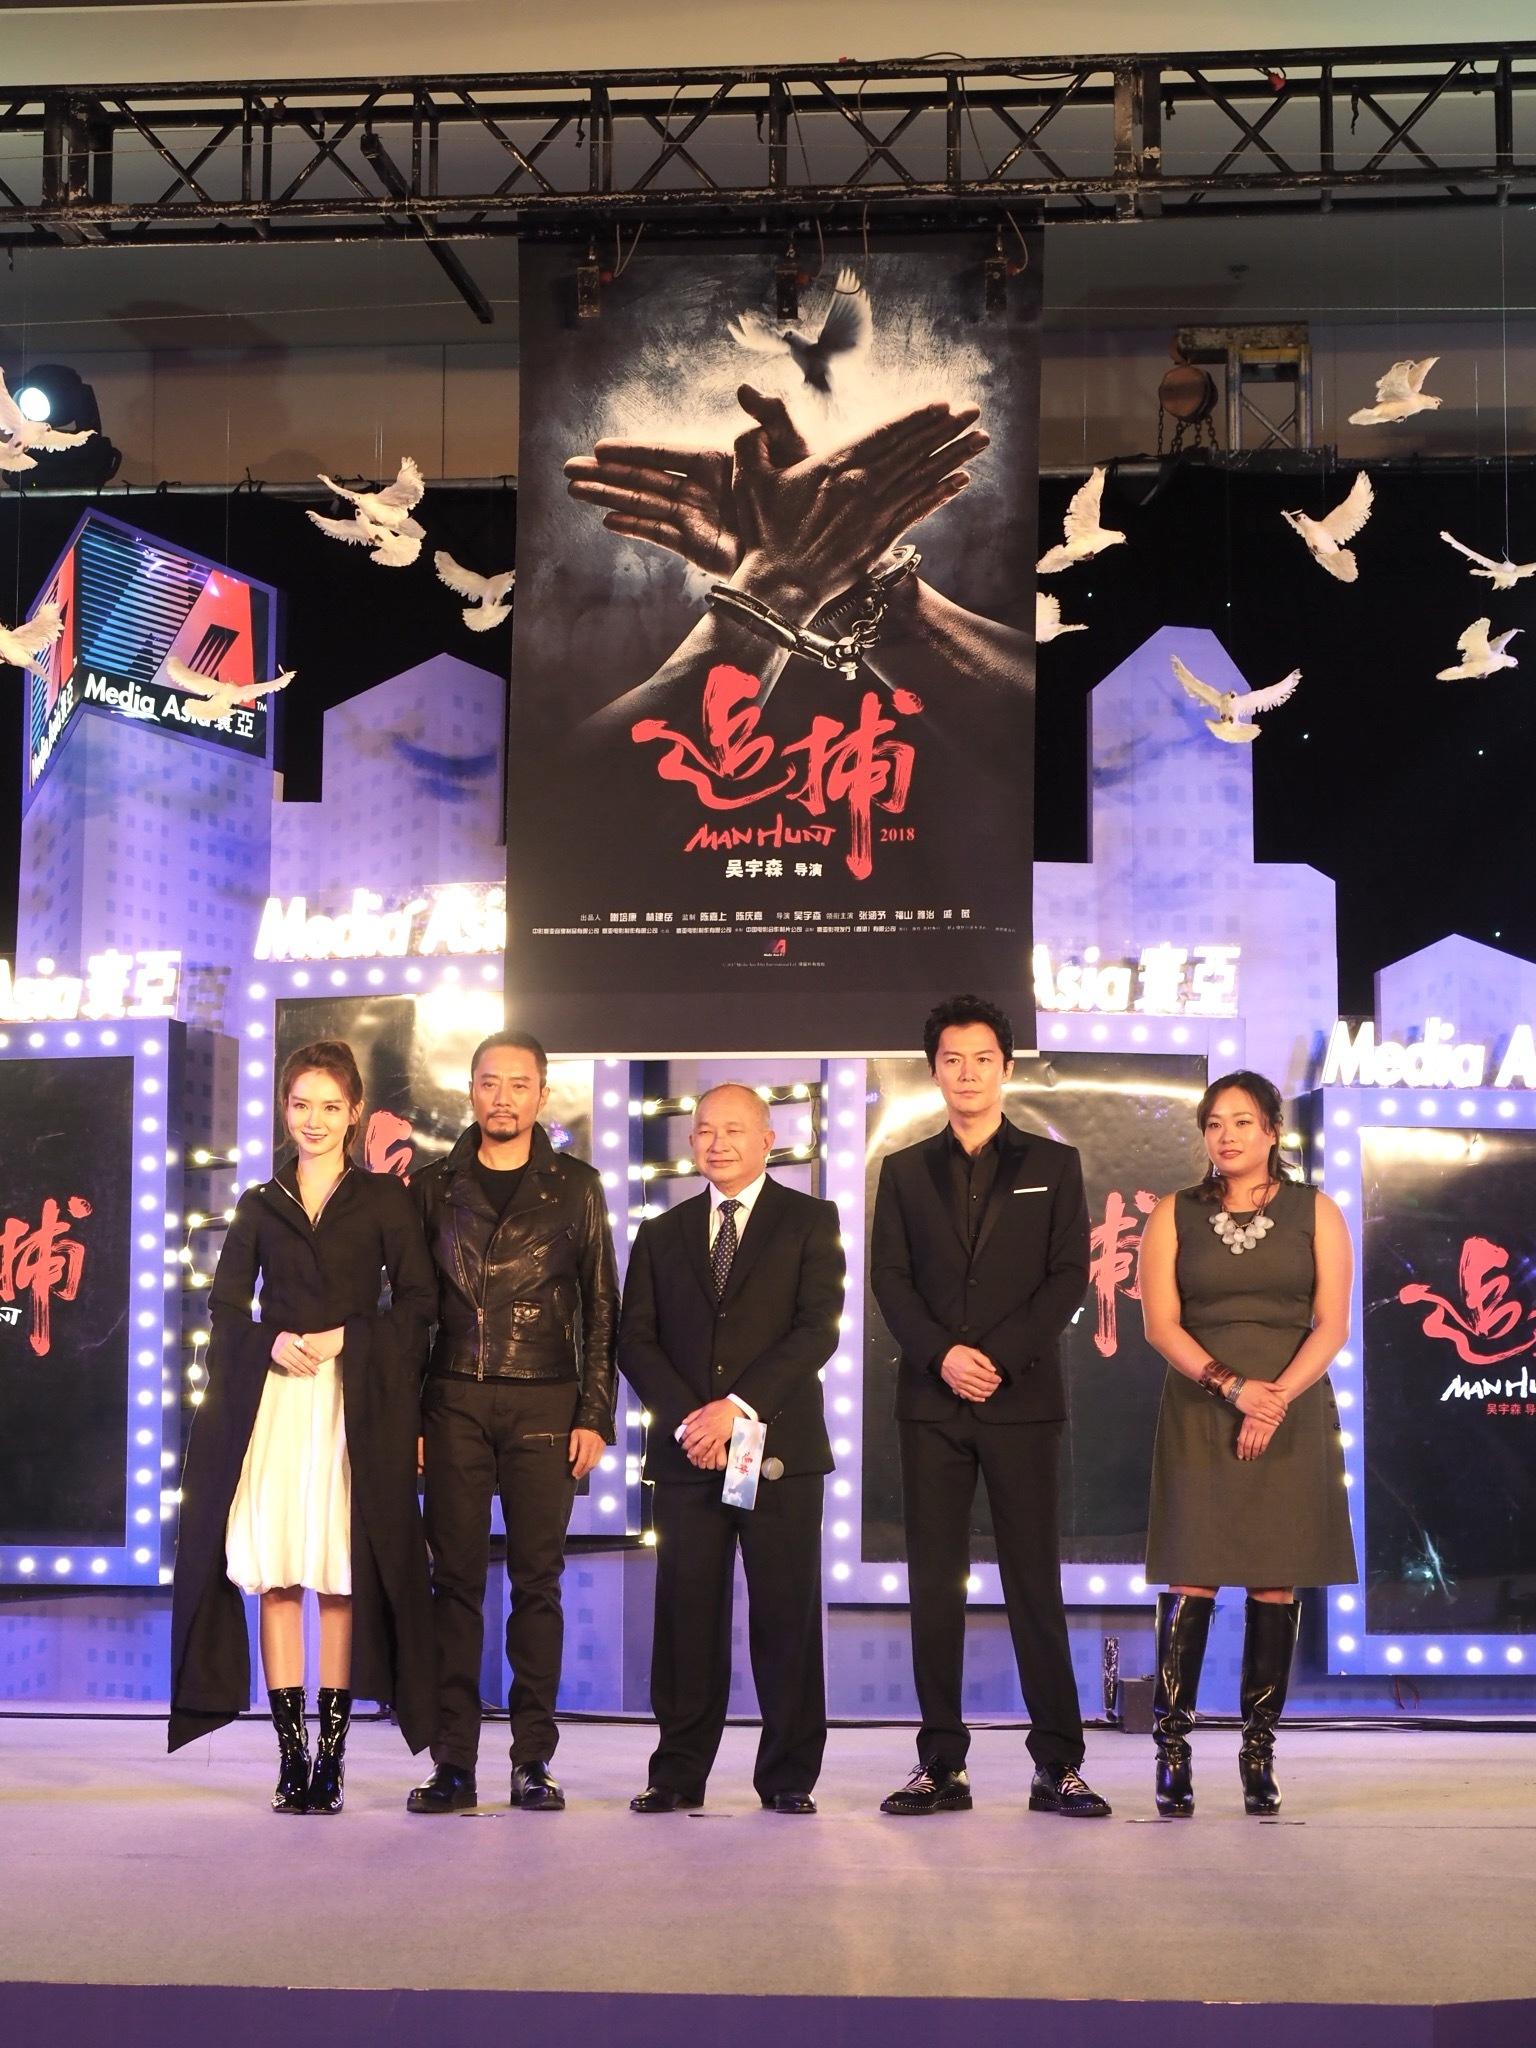 左から、 チー・ウェイ、 チャン・ハンユー、 ジョン・ウー、 福山雅治、 アンジェルス・ウー 映画『追捕 MANHUNT(原題)』の中国キックオフ会見